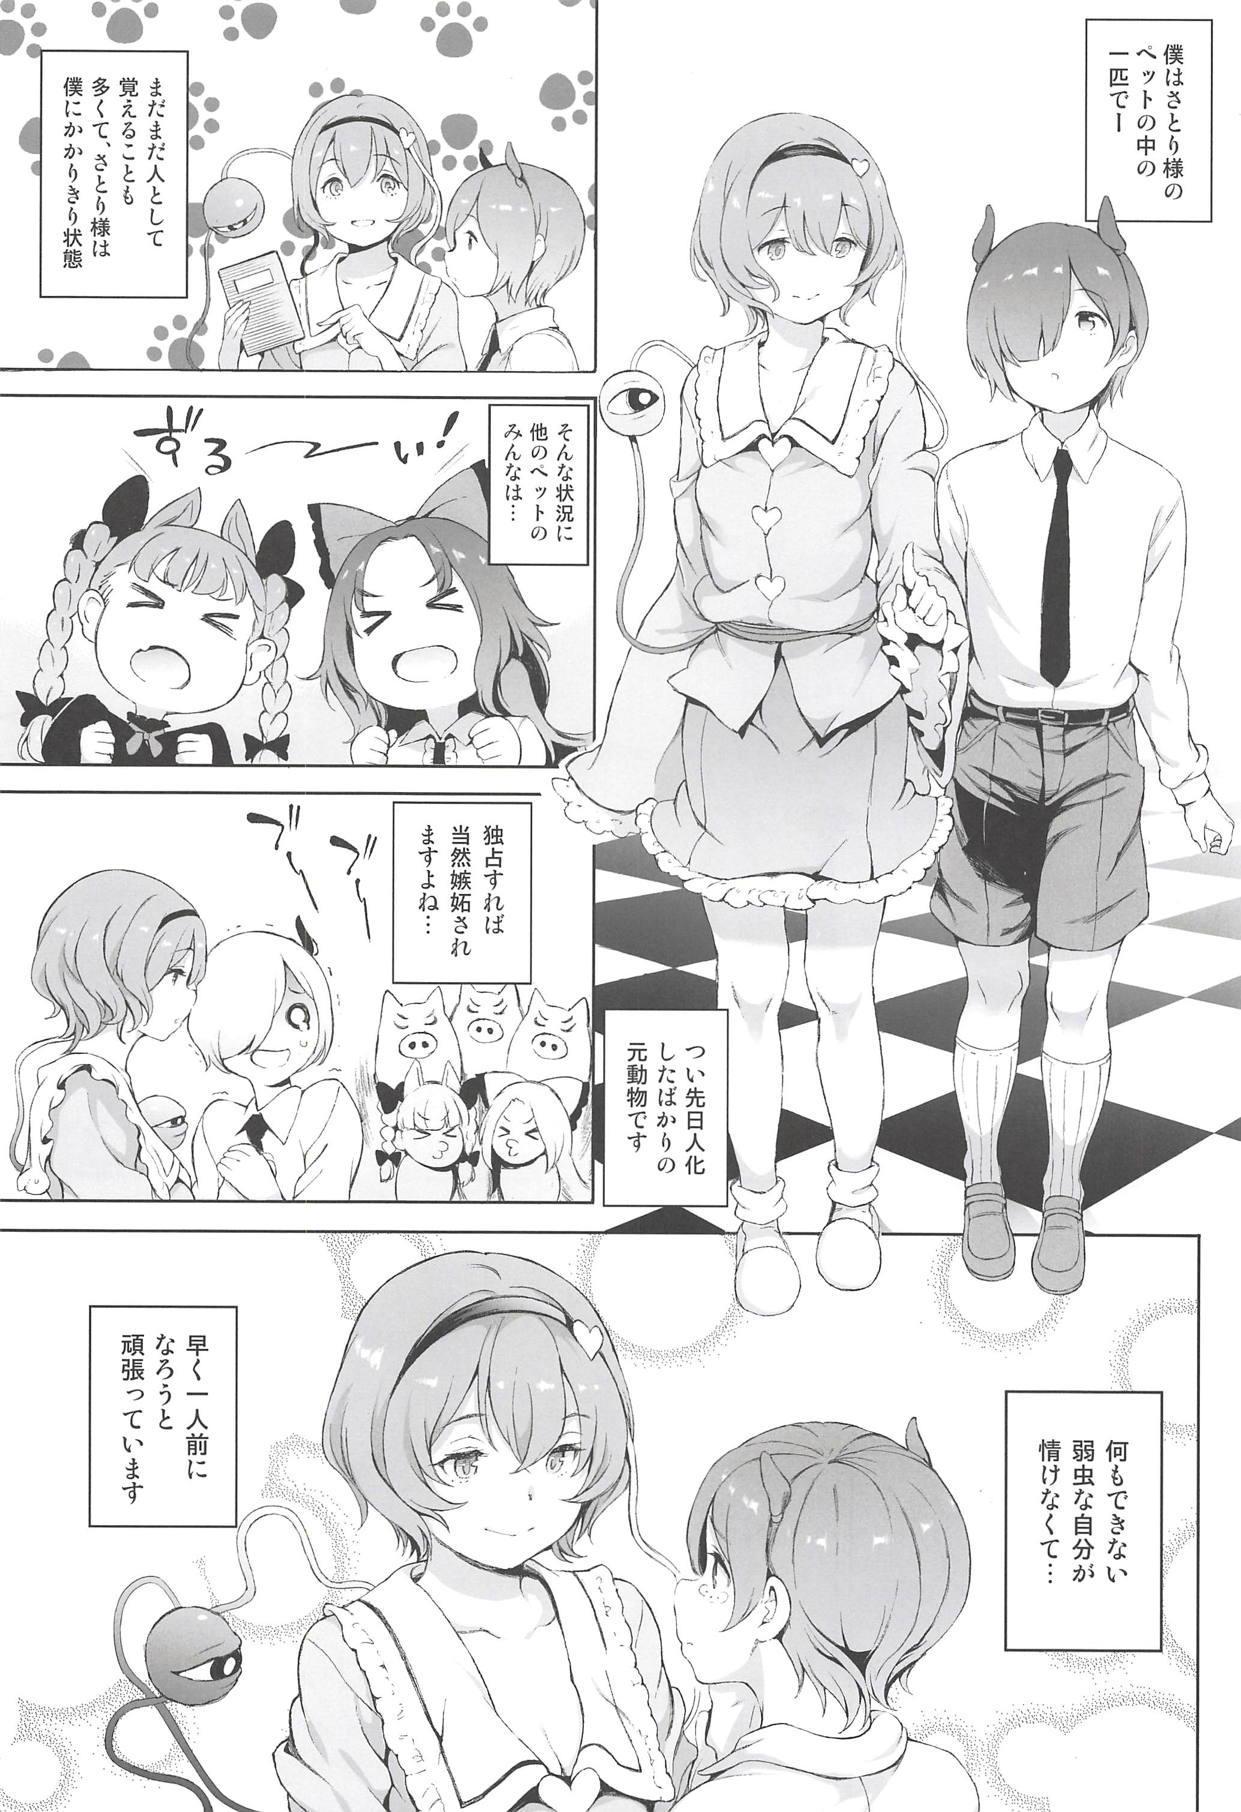 Satori-sama Generation 2